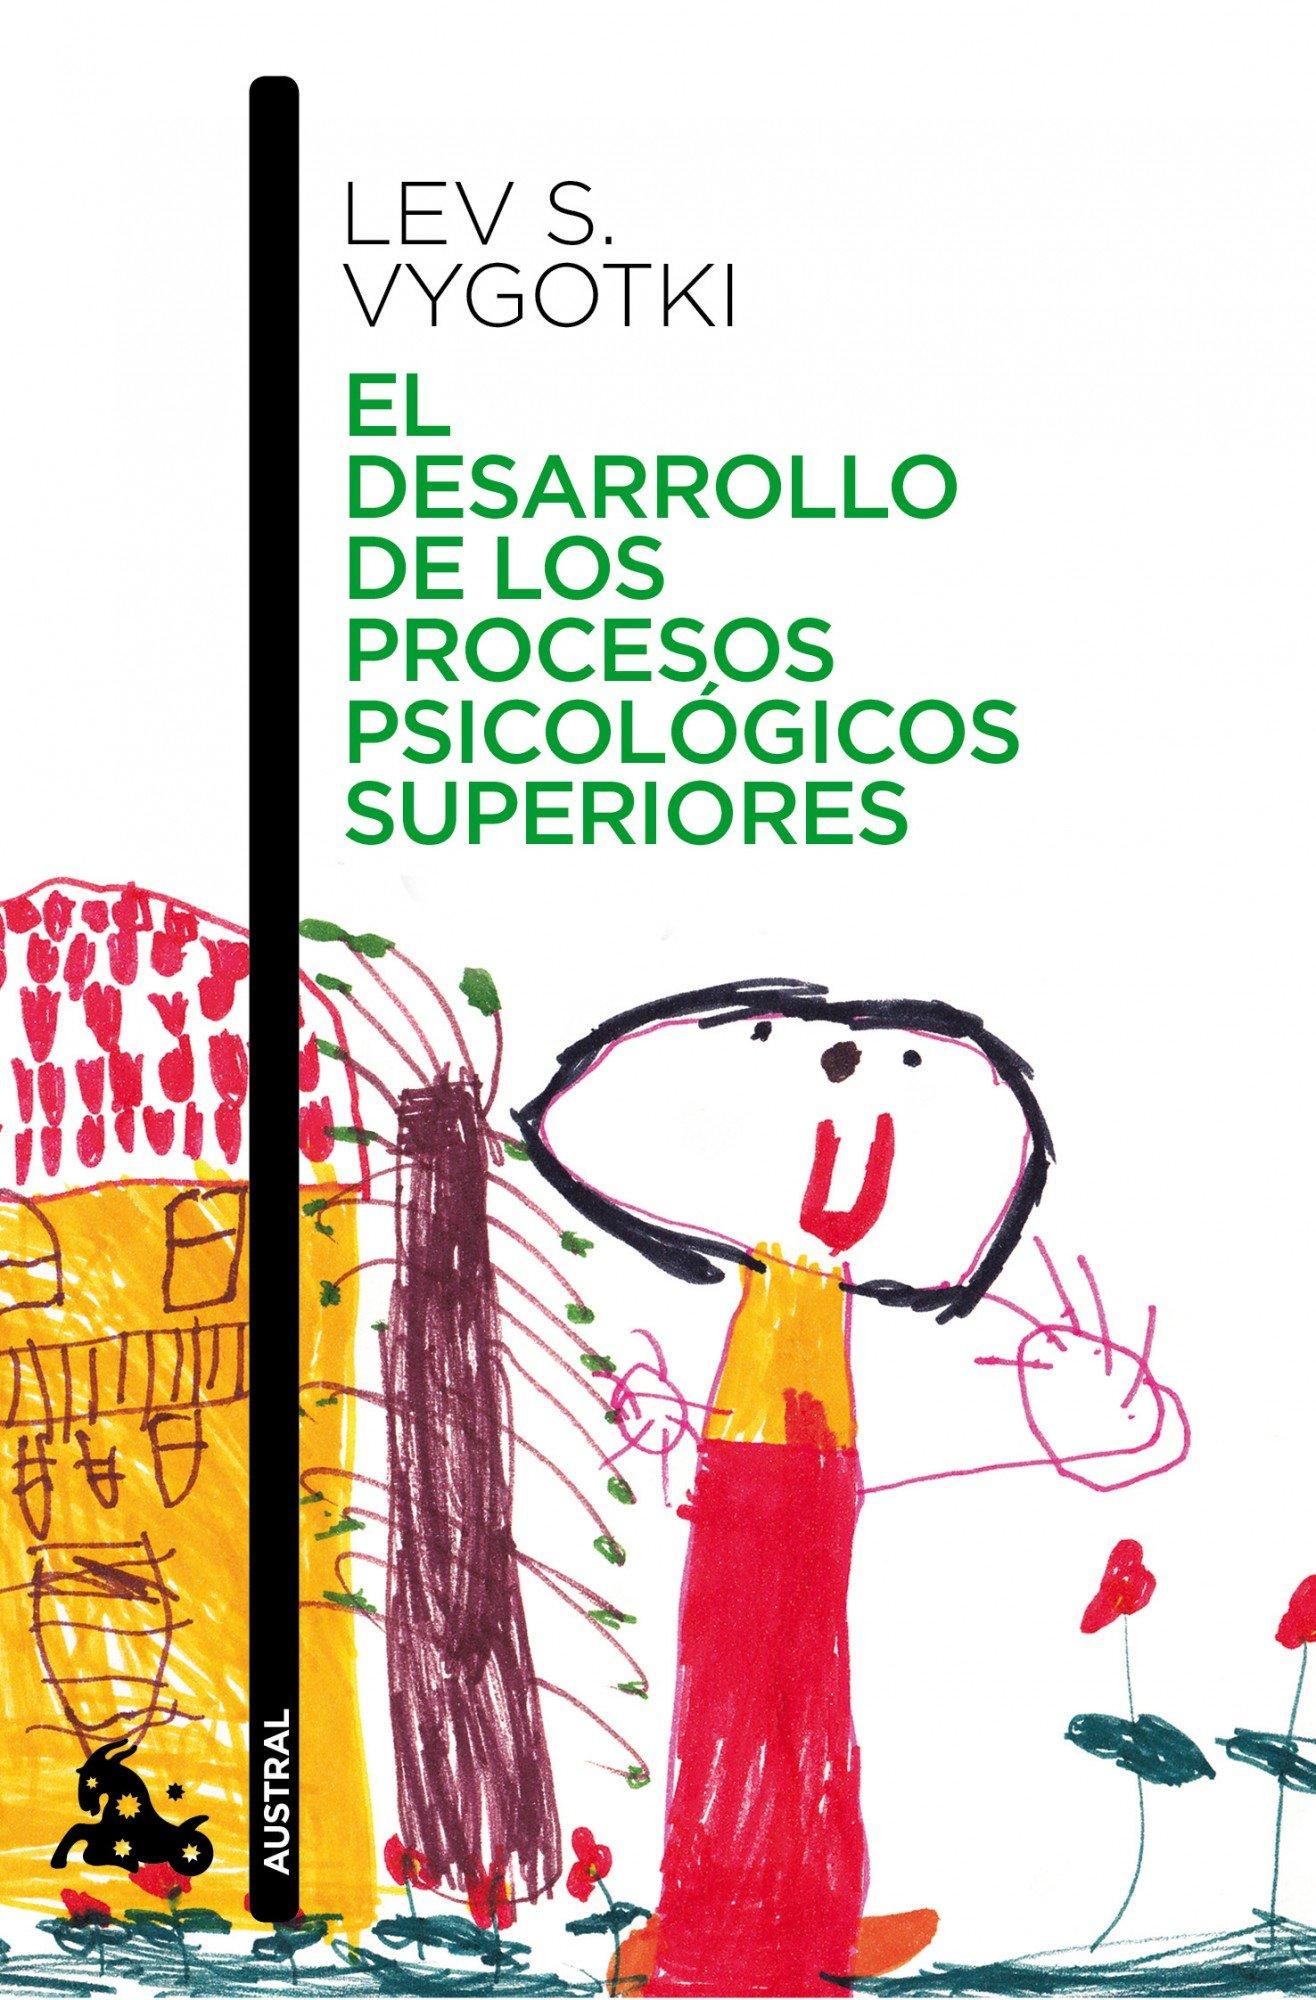 El desarrollo de los procesos psicológicos superiores Contemporánea: Amazon.es: Vygotsky, Lev, Furió, Silvia: Libros